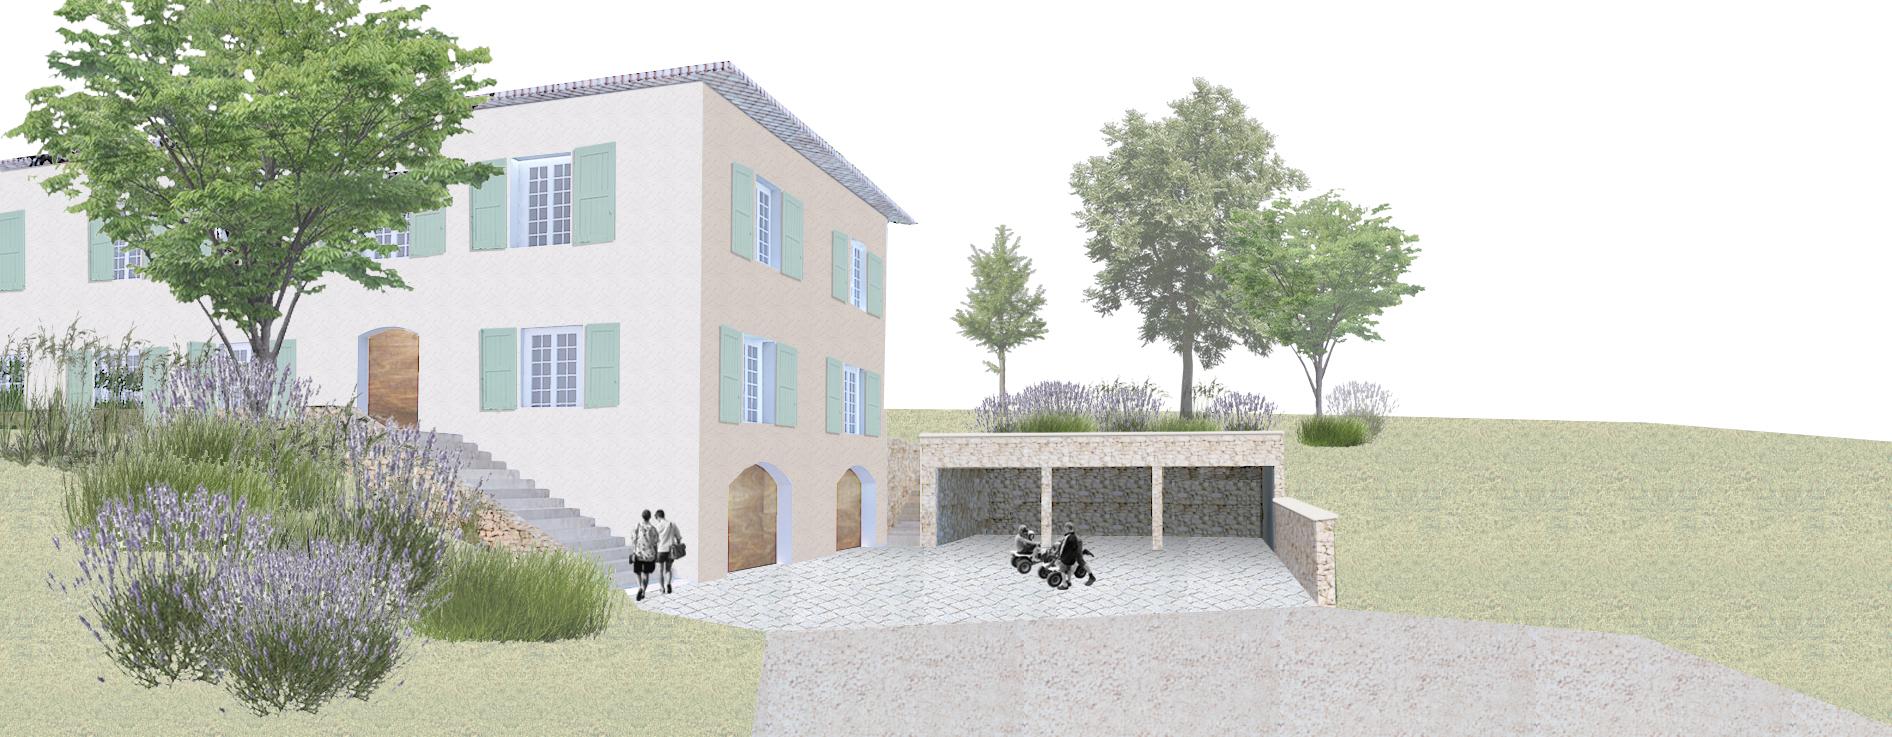 Rénovation d'une maison et restructuration des espaces extérieurs